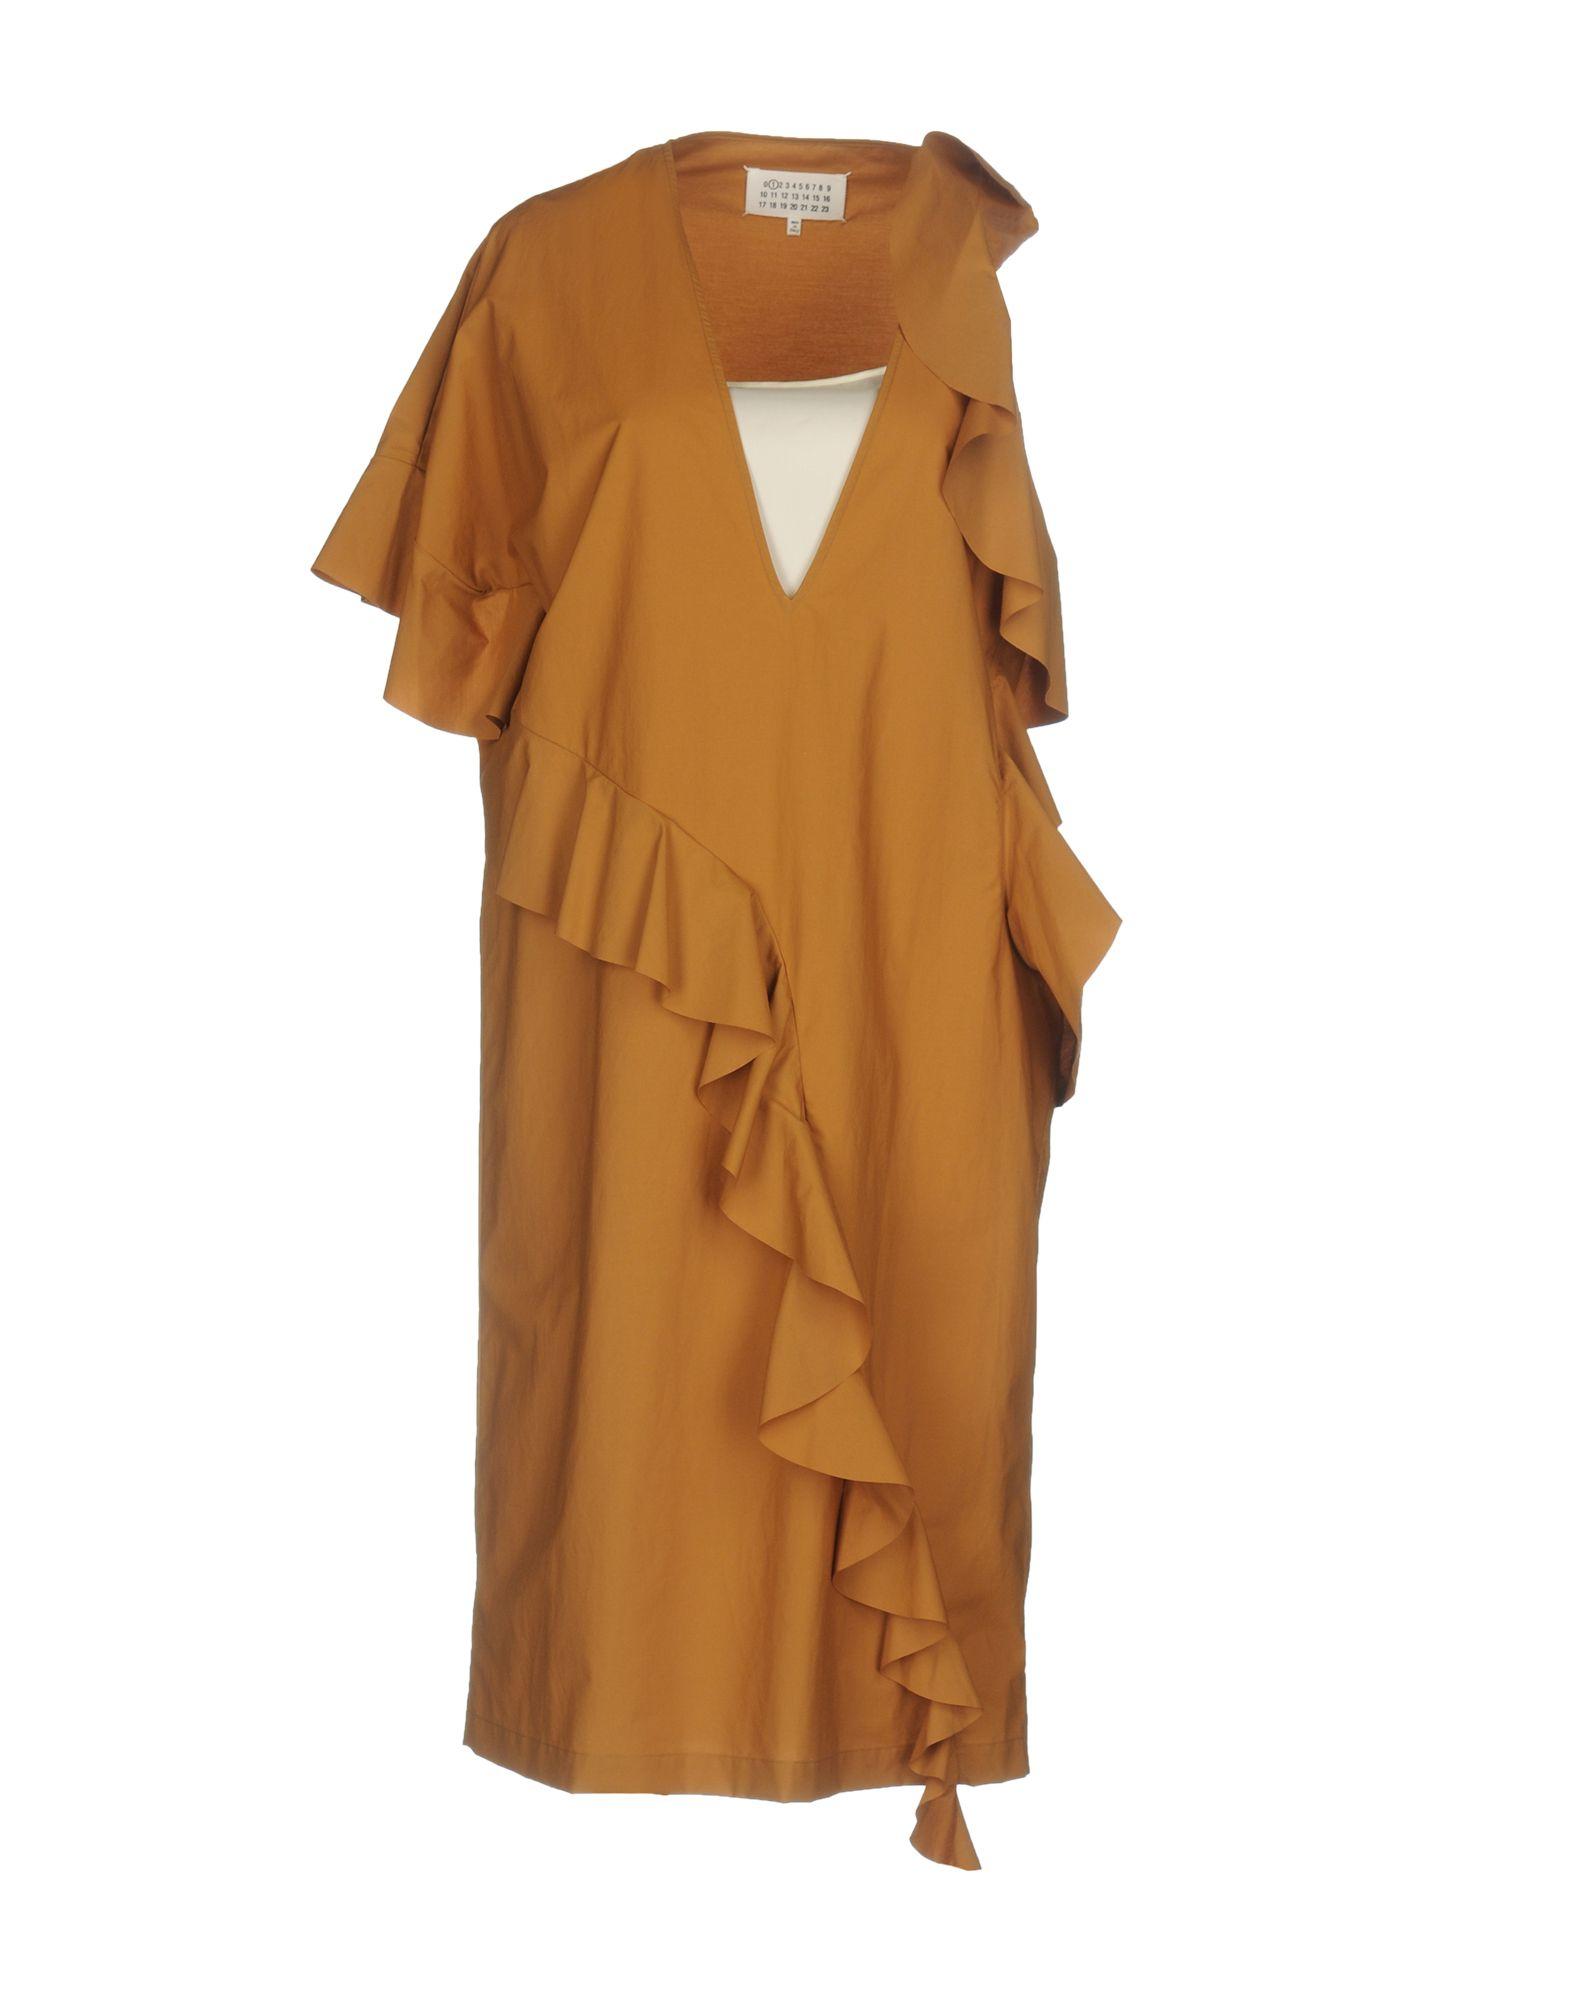 Vestito Al Ginoc o Maison Margiela donna - 34788157NM 34788157NM 34788157NM b20